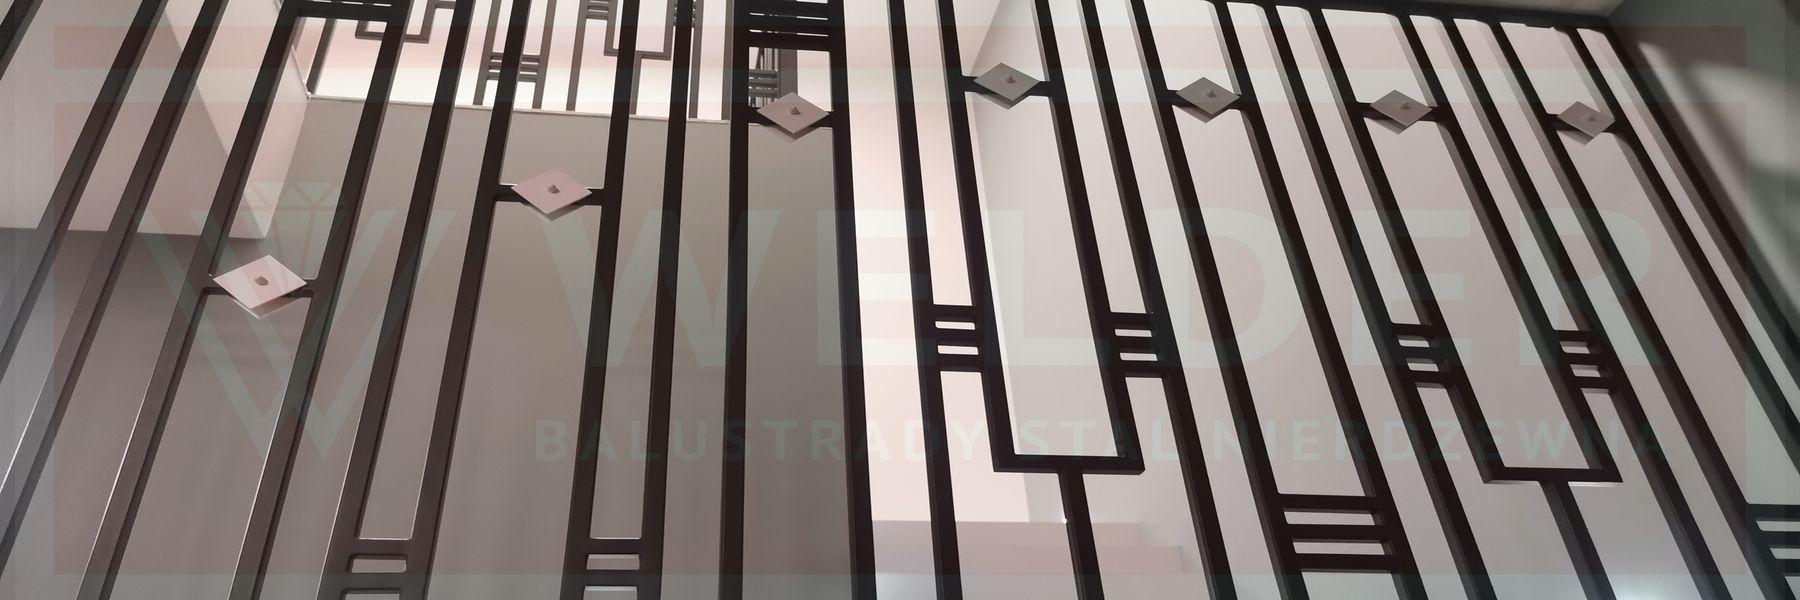 Balustrada nowoczesna (28)